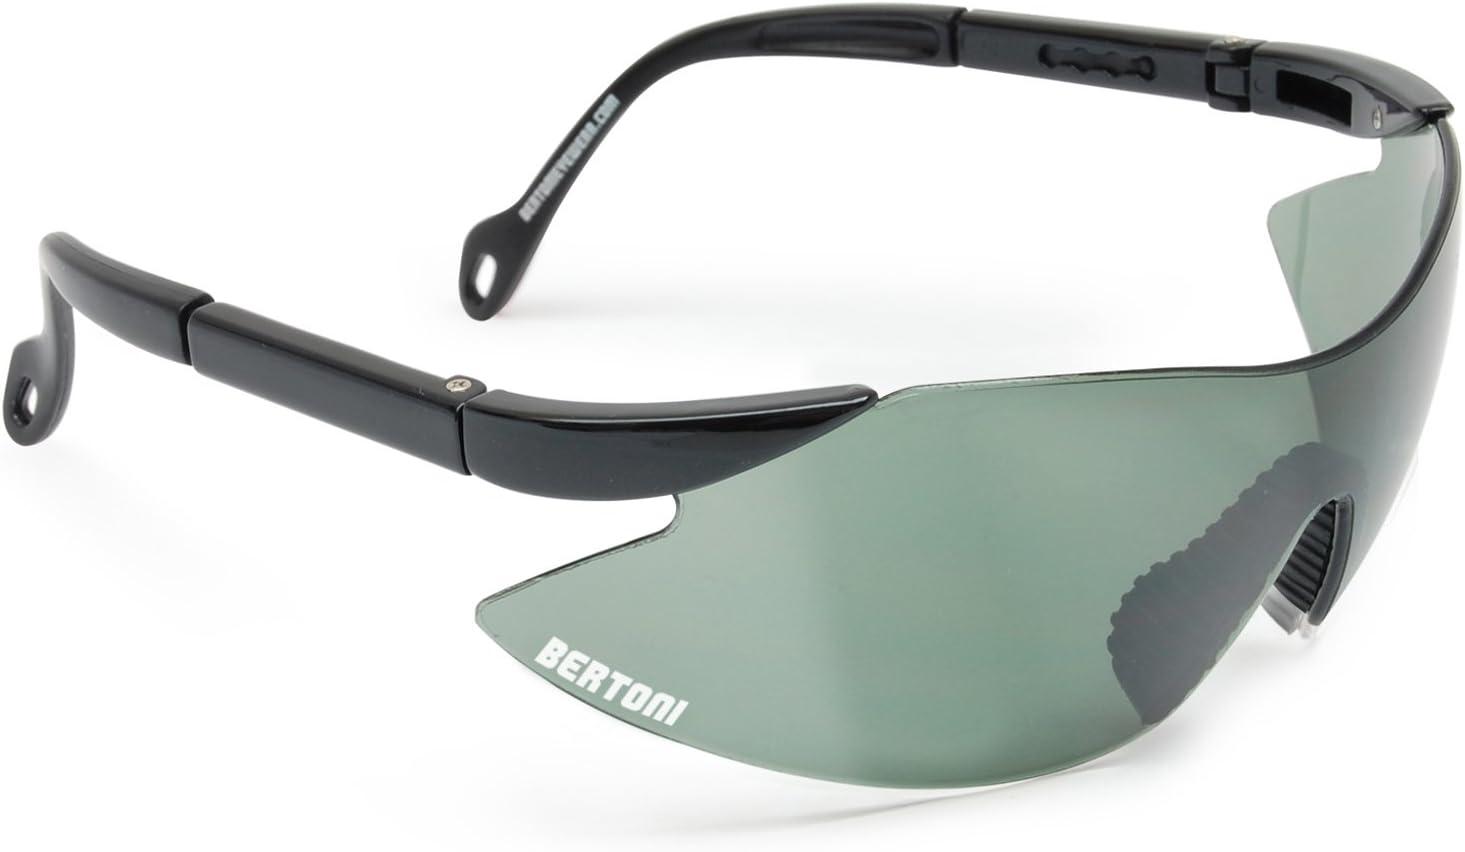 Bertoni iWear SA AF185 - Gafas de tiro, protección para campo de tiro, con lentes resistentes a los impactos y patillas ajustables